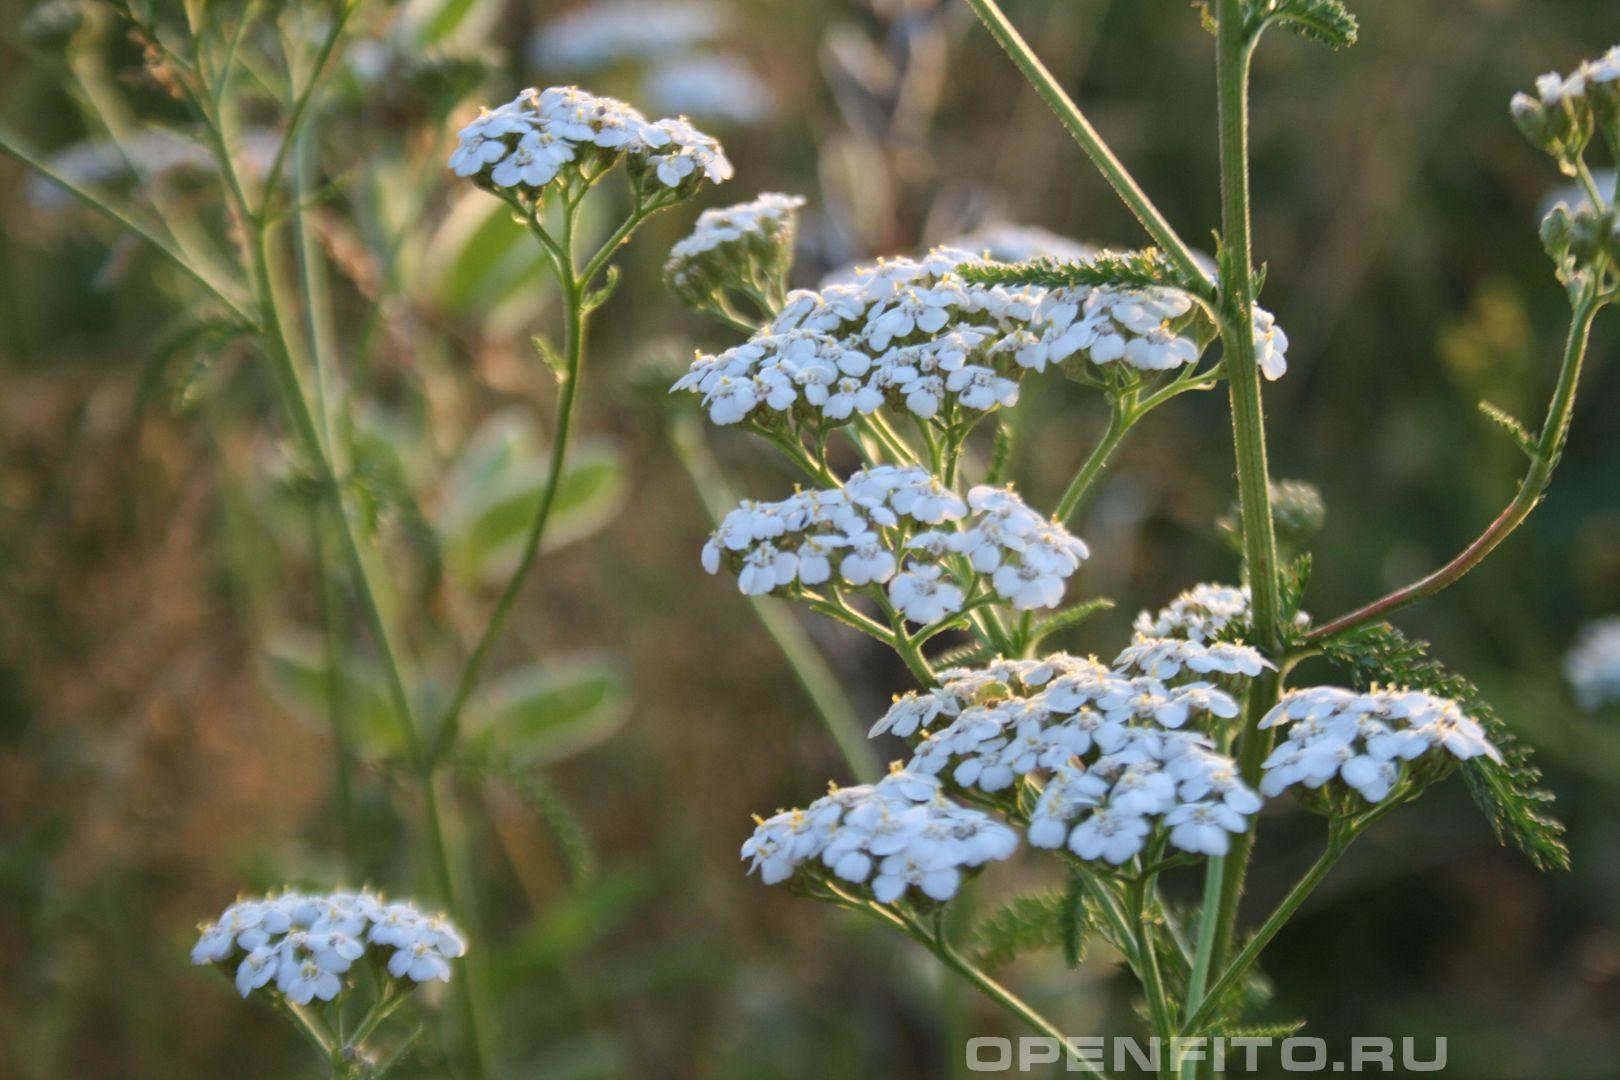 Тысячелистник <p>Фотография растения Тысячелистник</p>